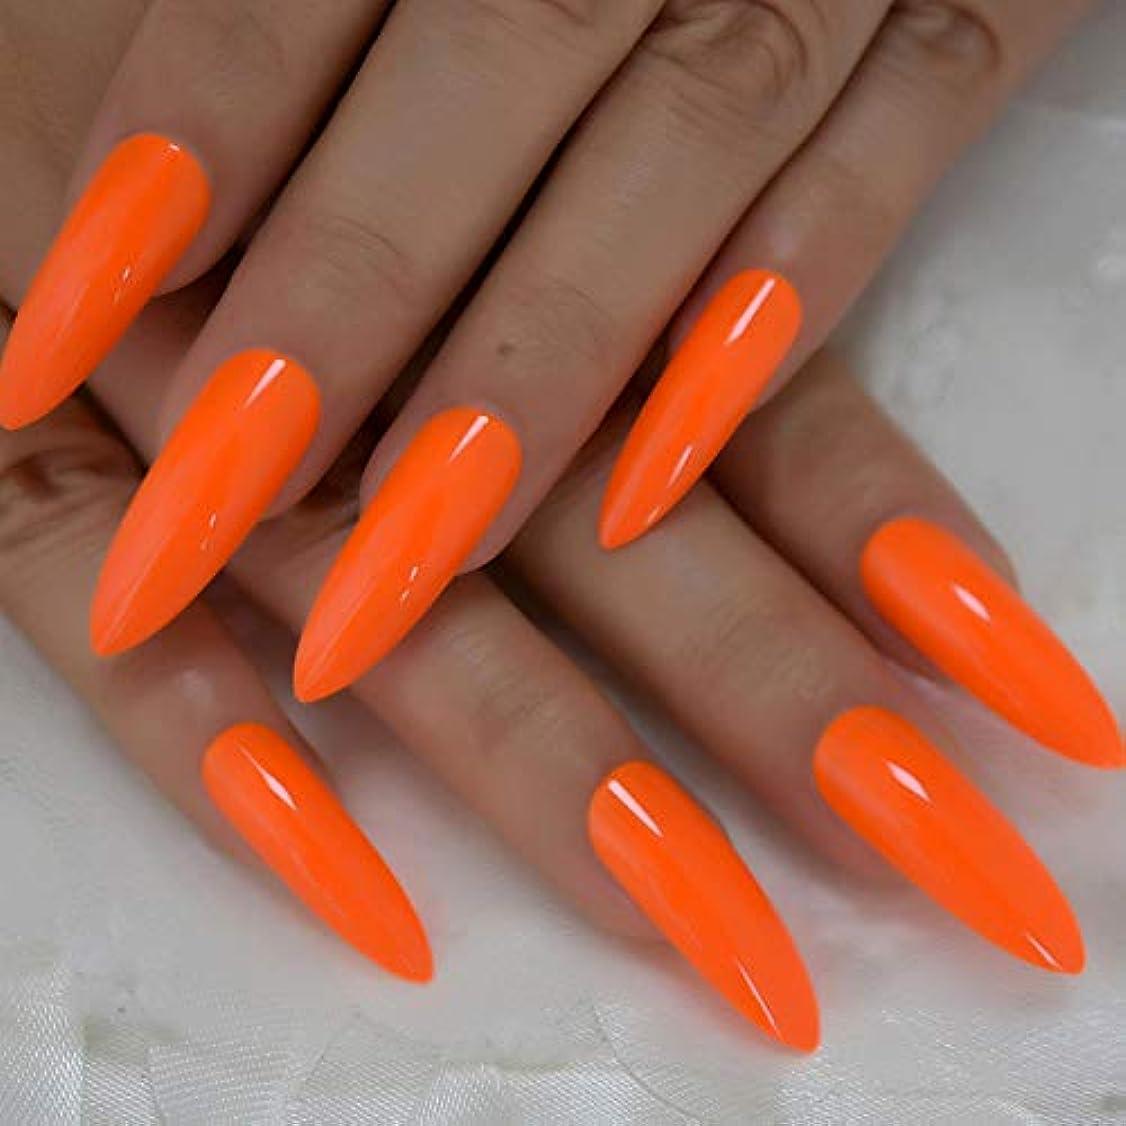 彼女自身授業料とてもXUTXZKA 偽の爪長く明るいオレンジ色の装飾マニキュアのヒント